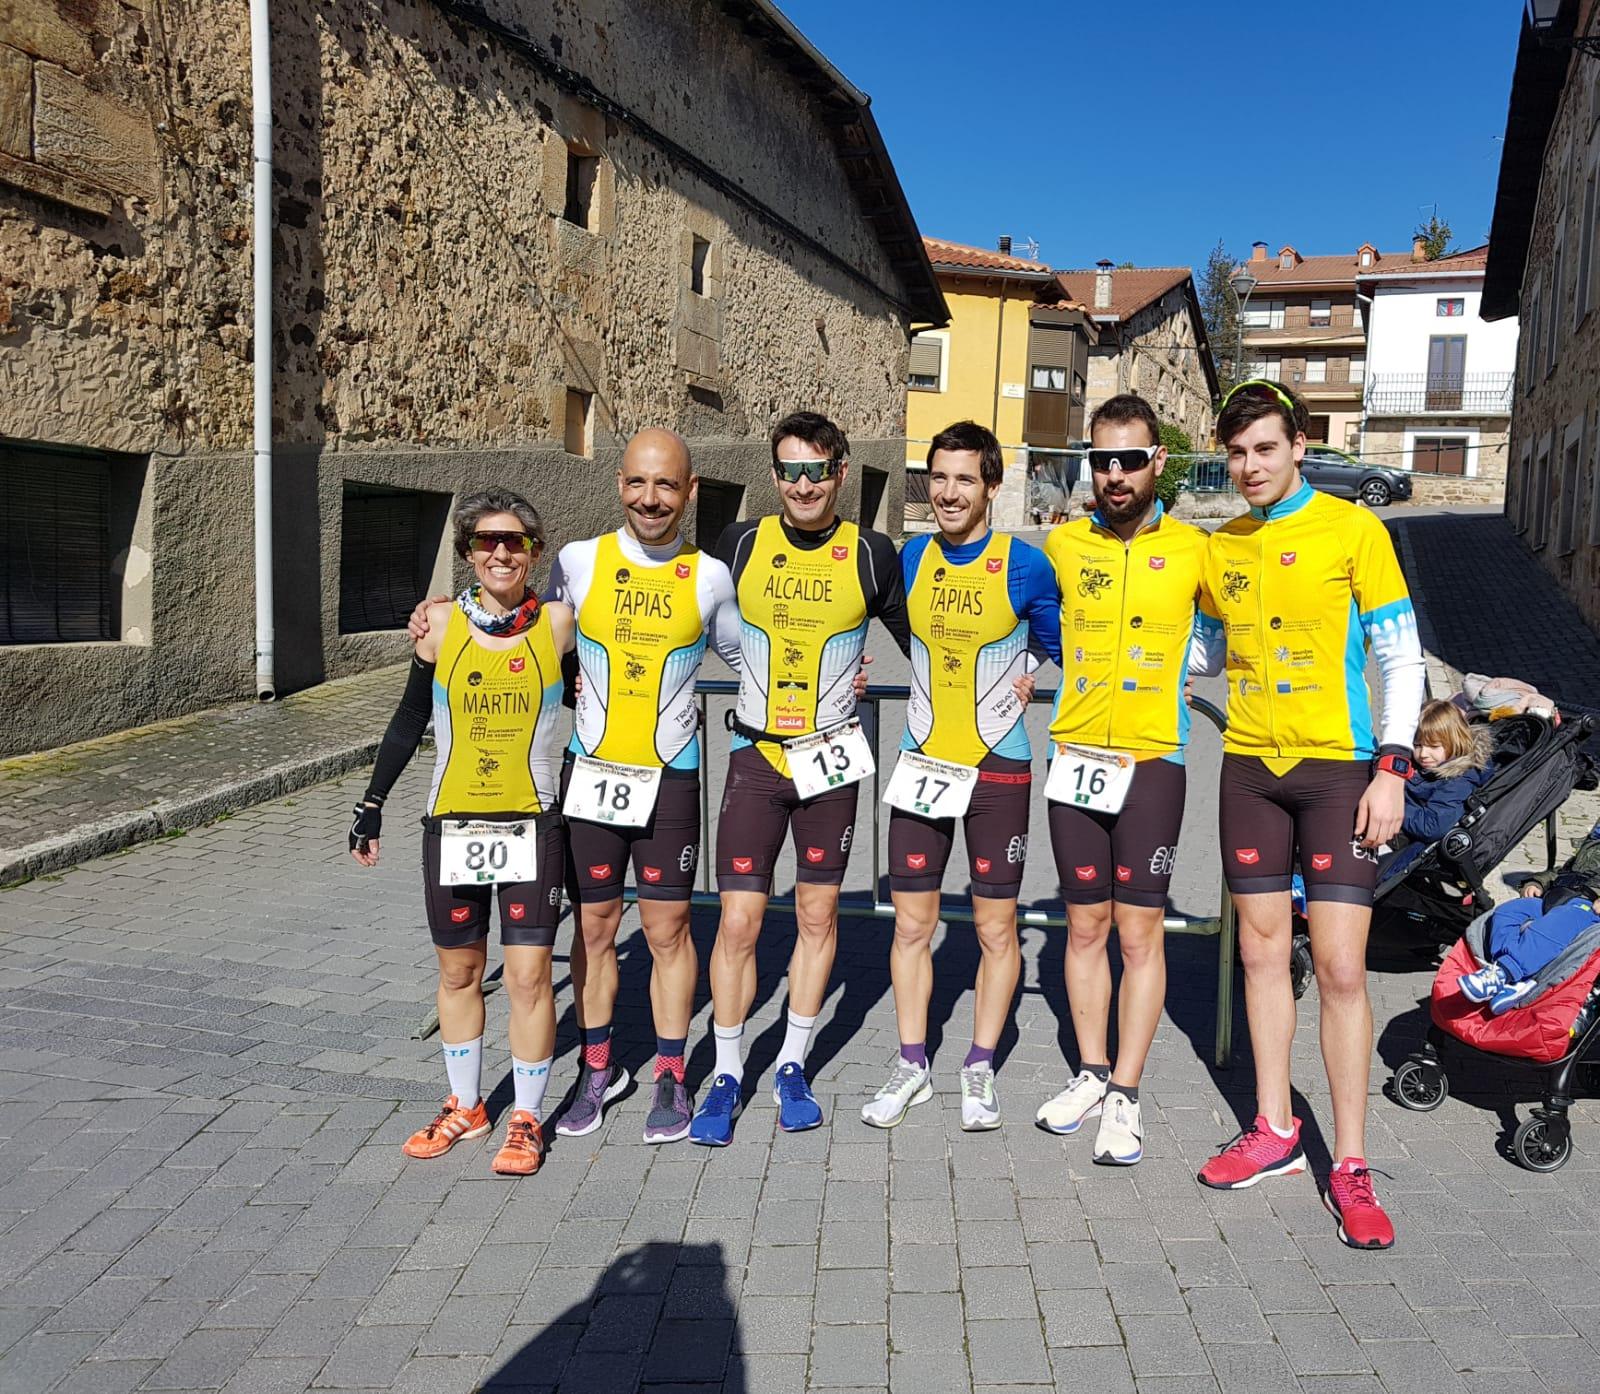 El Club Triatón IMD Segovia bronce en el Campeonato de Castilla y León de Duatlón Standard